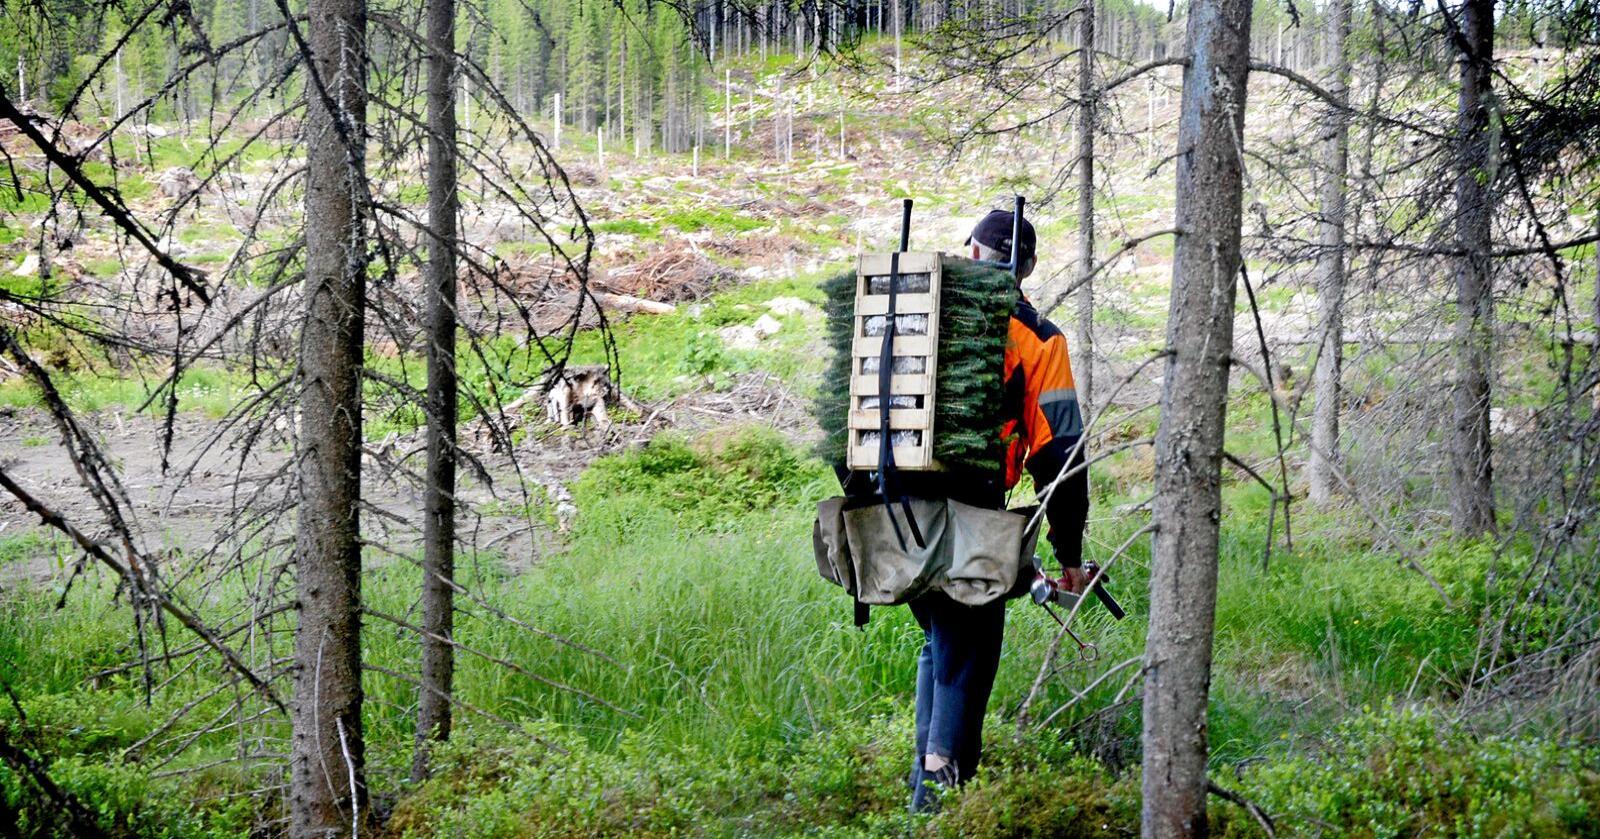 Skogplanting er ikke særlig smittefarlig. Man trenger ikke å jobbe tett på hverandre og frisk luft, mosjon og opphold i naturen skal være bra for både kropp og sjel, ifølge pålitelige kilder, skriver Skogselskapet. Foto: Mariann Tvete